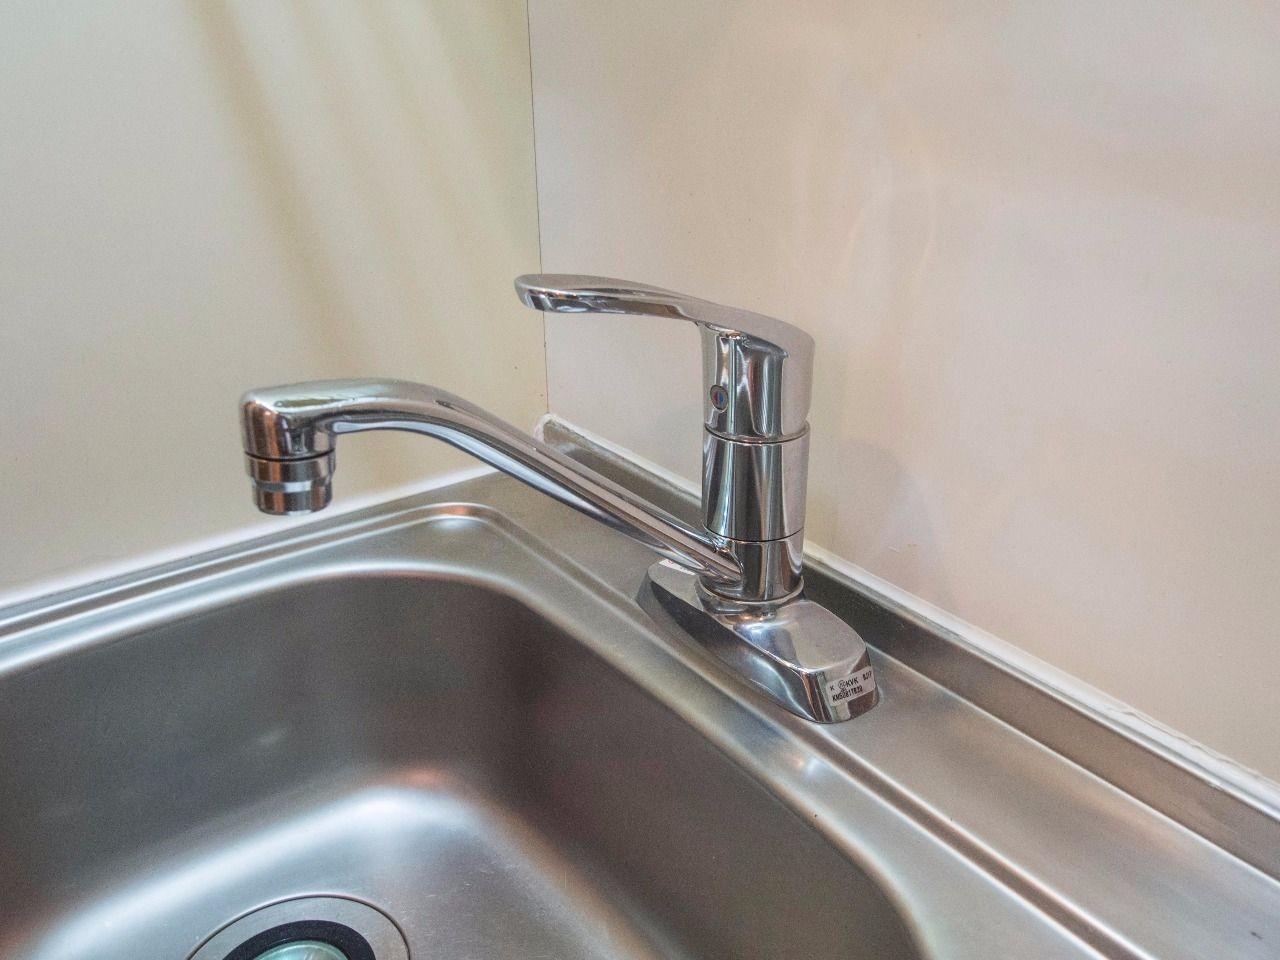 水量や温度調整が簡単なワンレバー式水栓